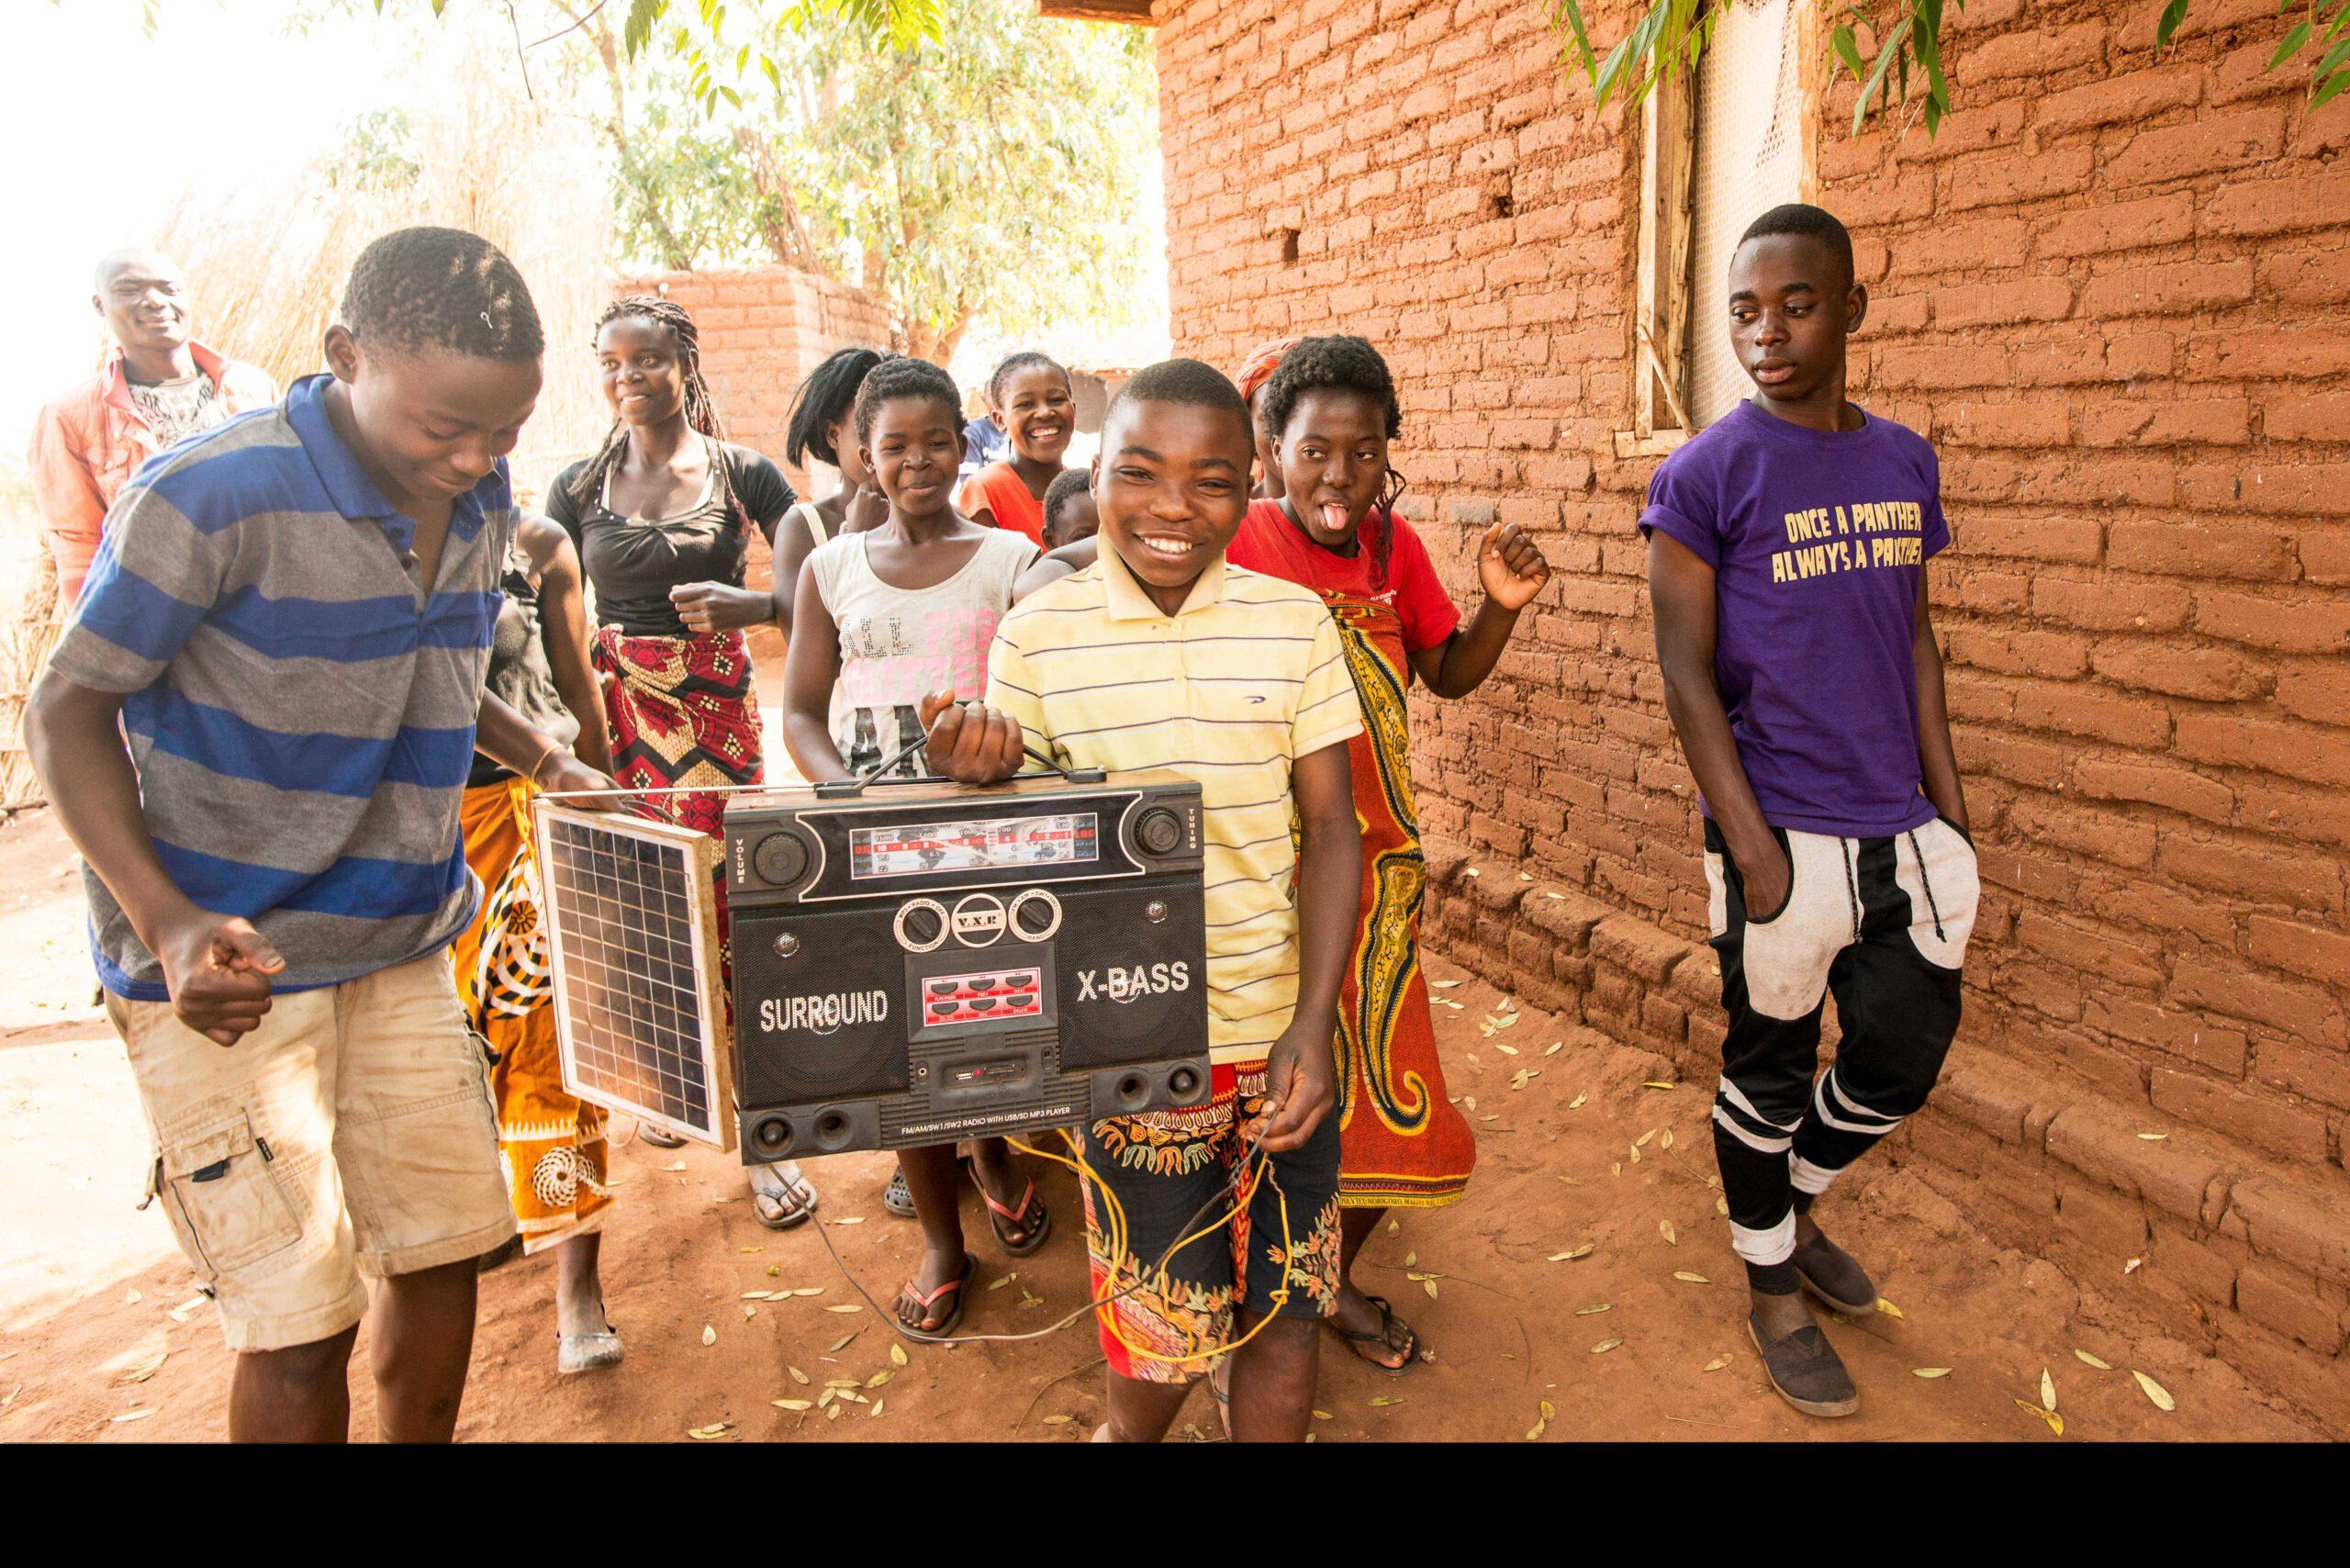 GNO0498_Corona-Hilfe Radiogeräte_Plan International_Bild stammt aus einem ähnlichen Plan-Projekt in Malawi_Bild2